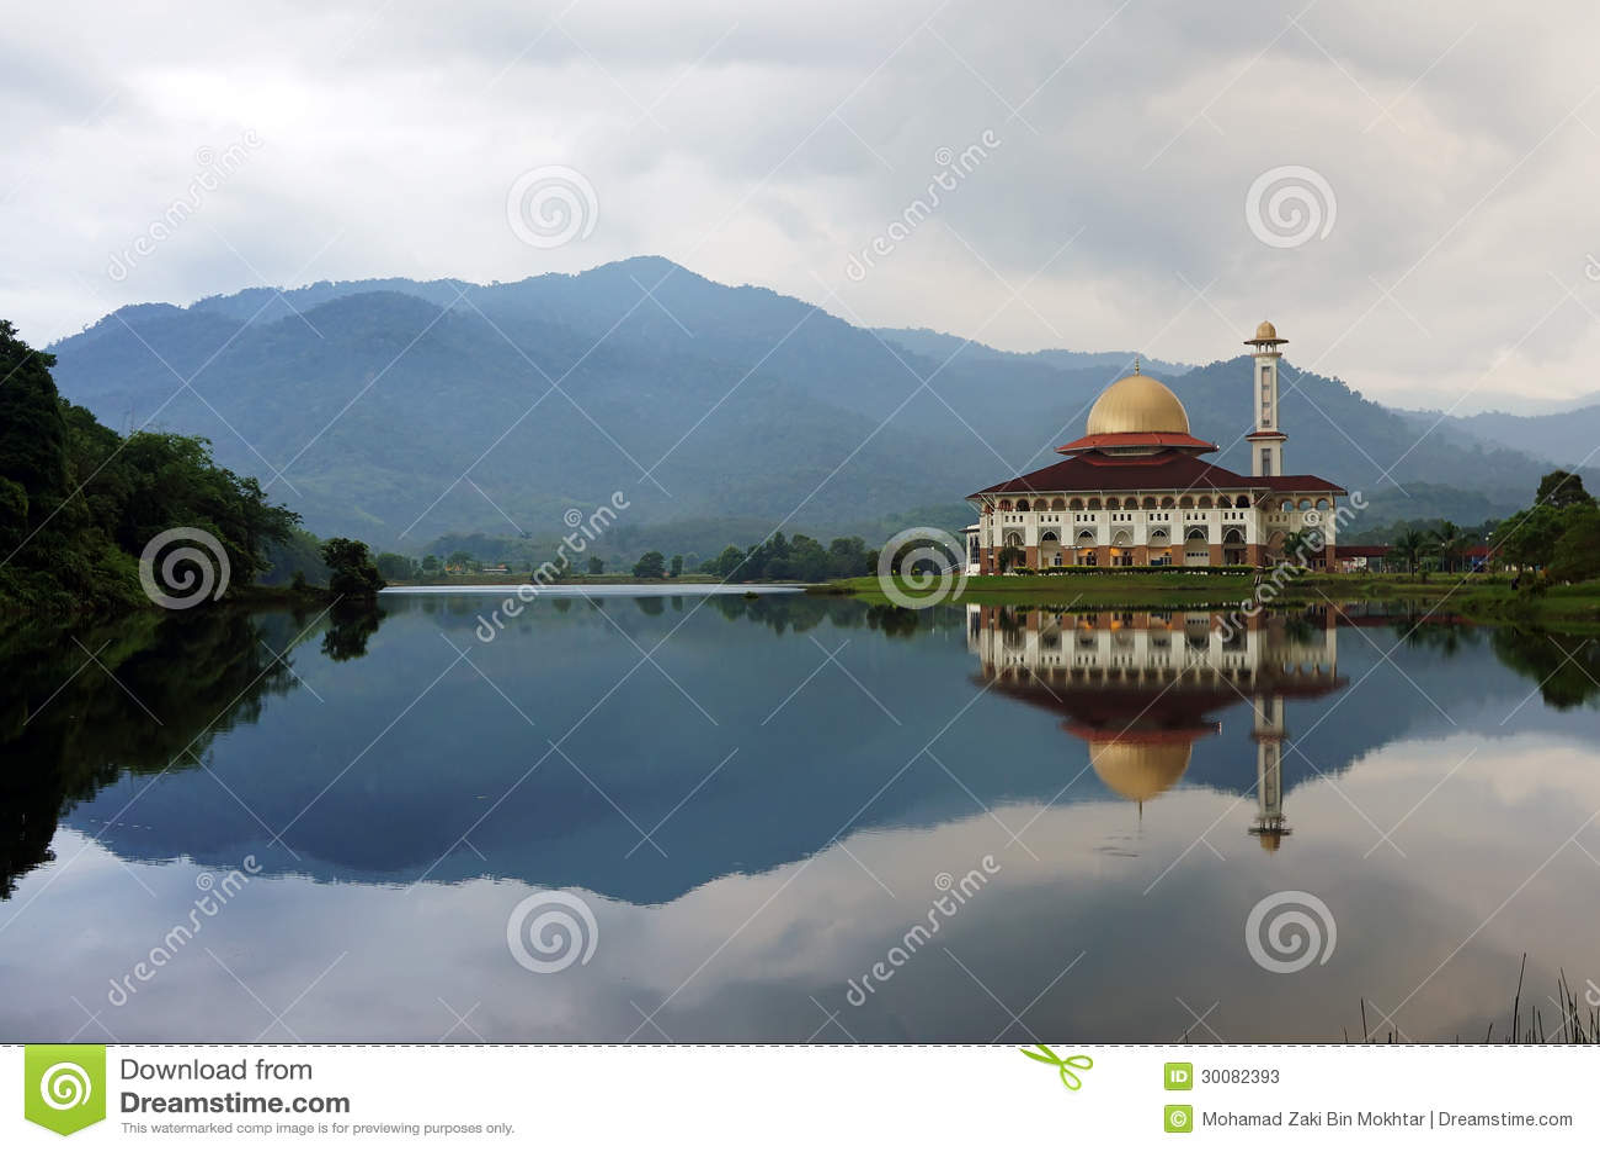 Moskee door de oever van het meer